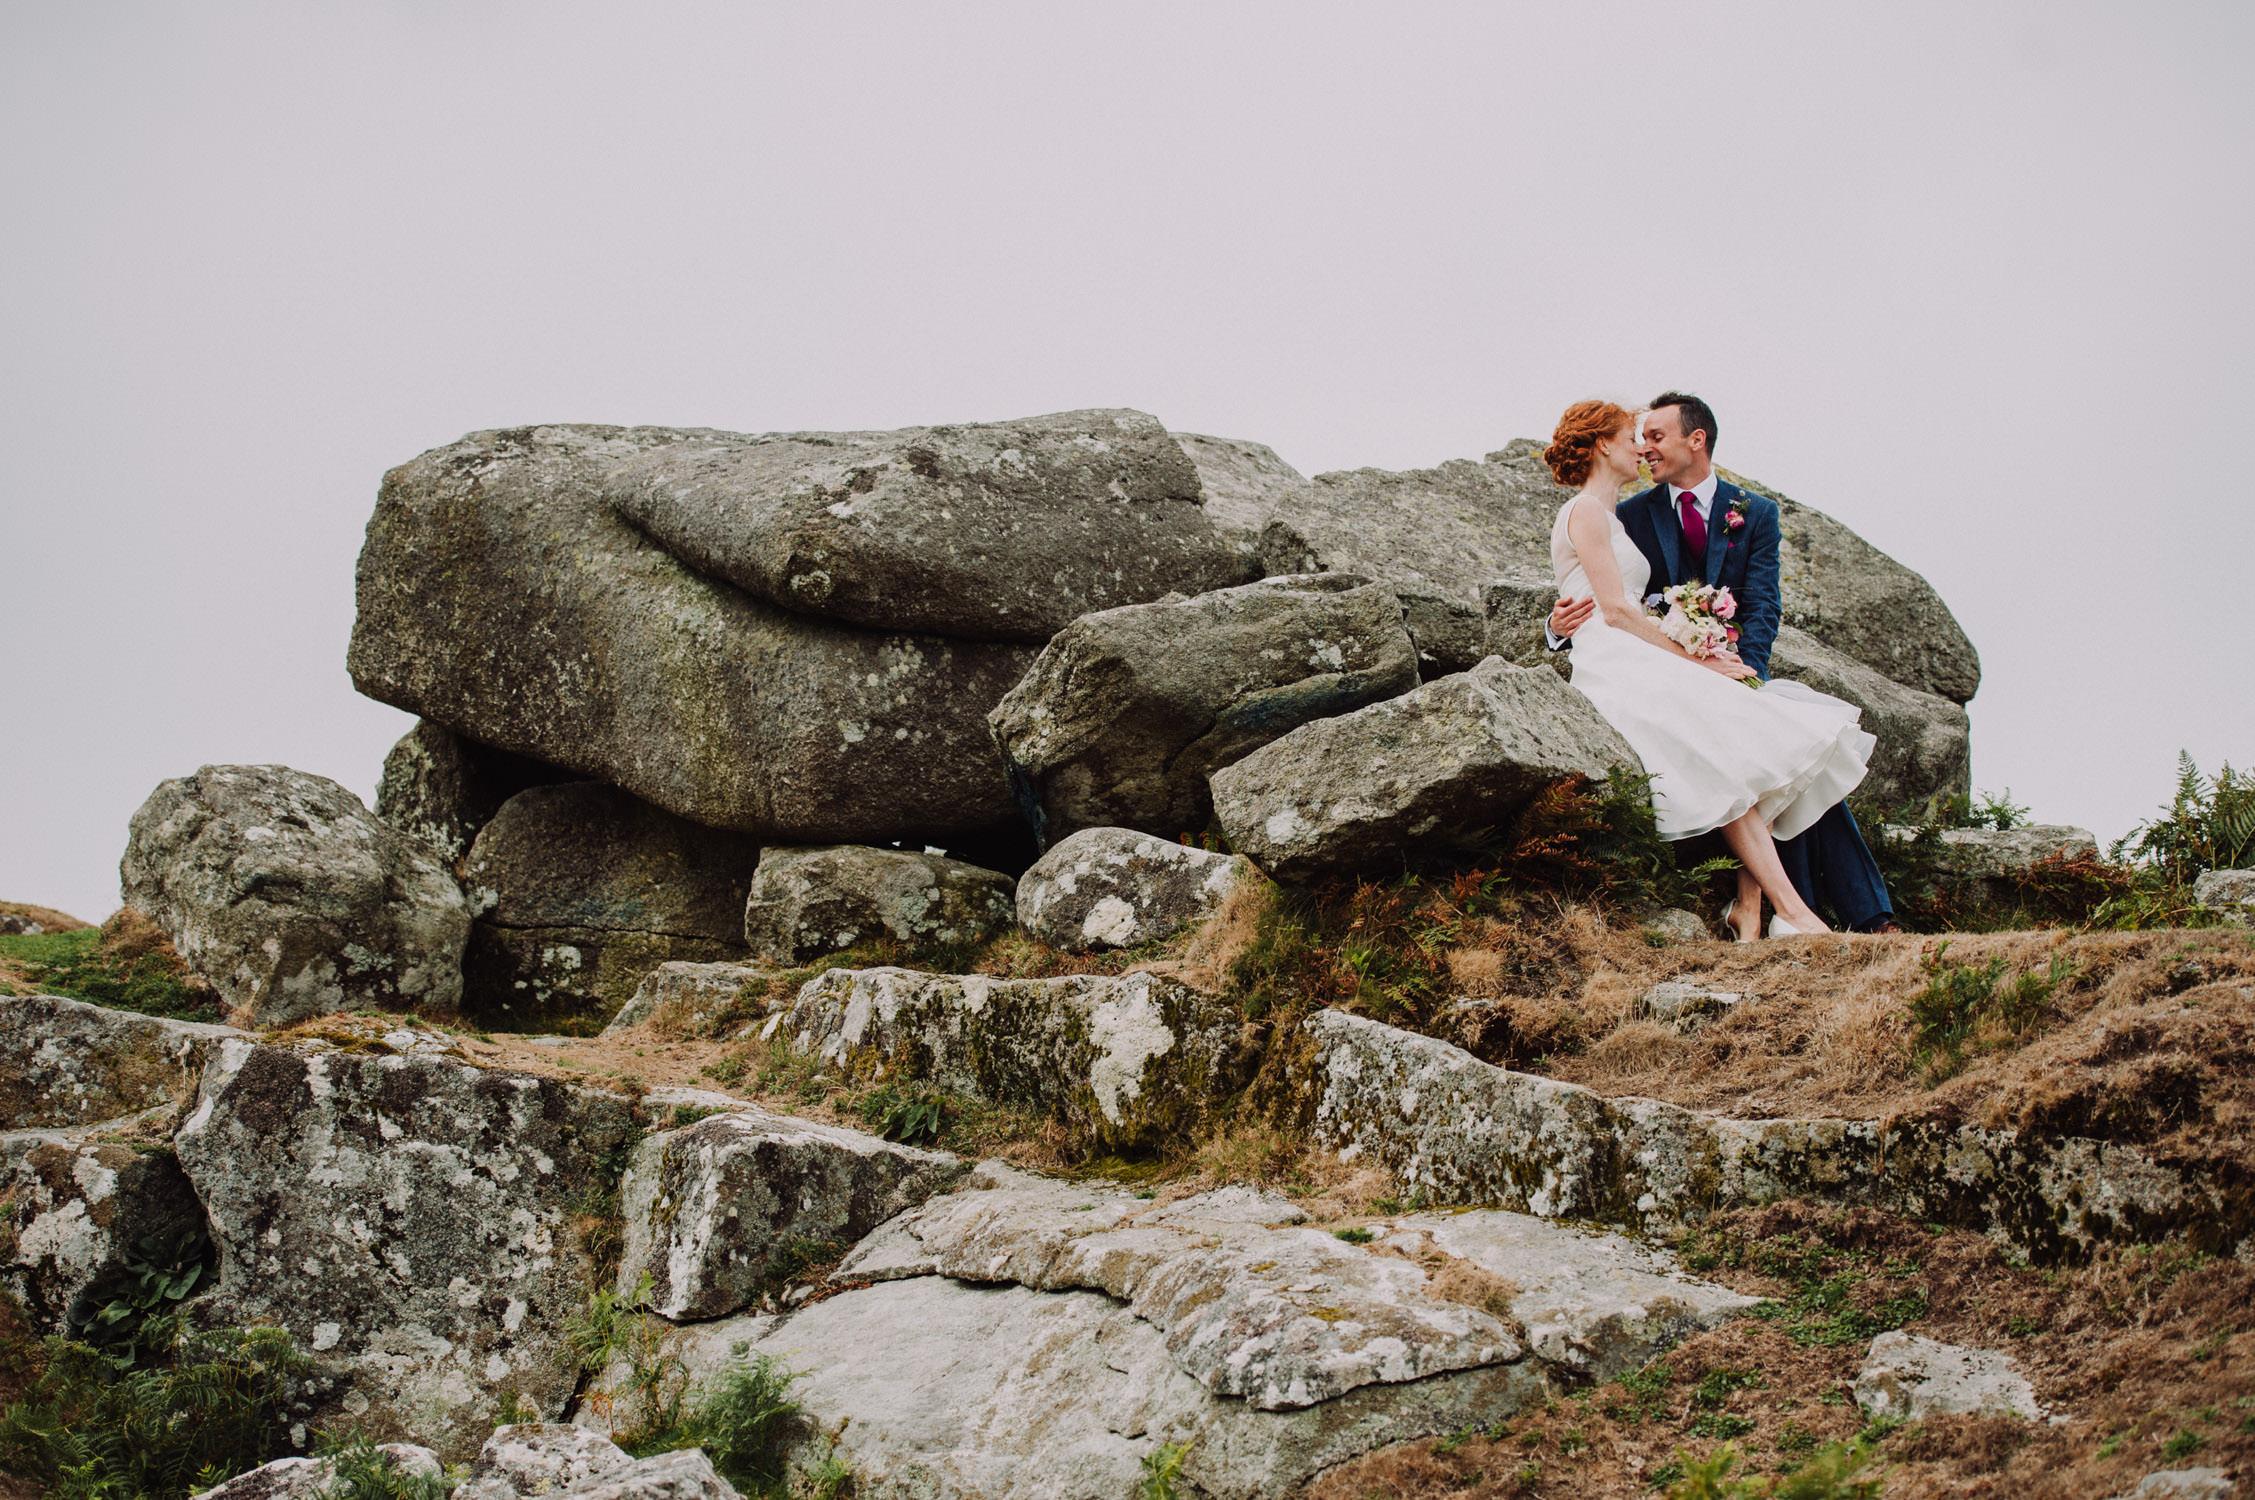 devon wedding photographer - Bride and groom on Dartmoor tor